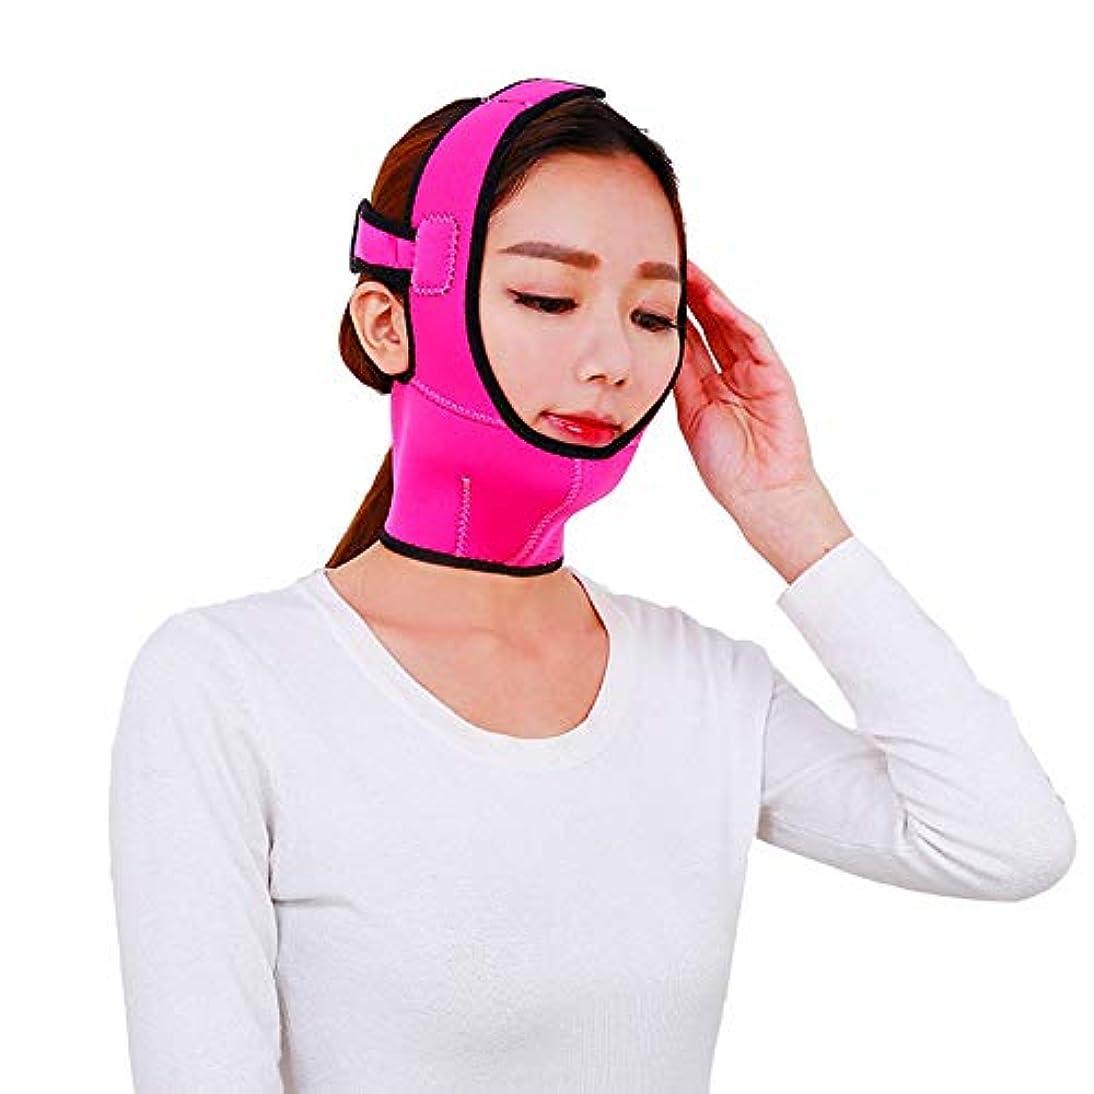 均等に会計士のフェイスリフトベルト 顔を持ち上げるベルト通気性の顔面リフティング包帯ダブルチン顔面リフティングマスクを締めるV顔面顔面リフレッシングツール